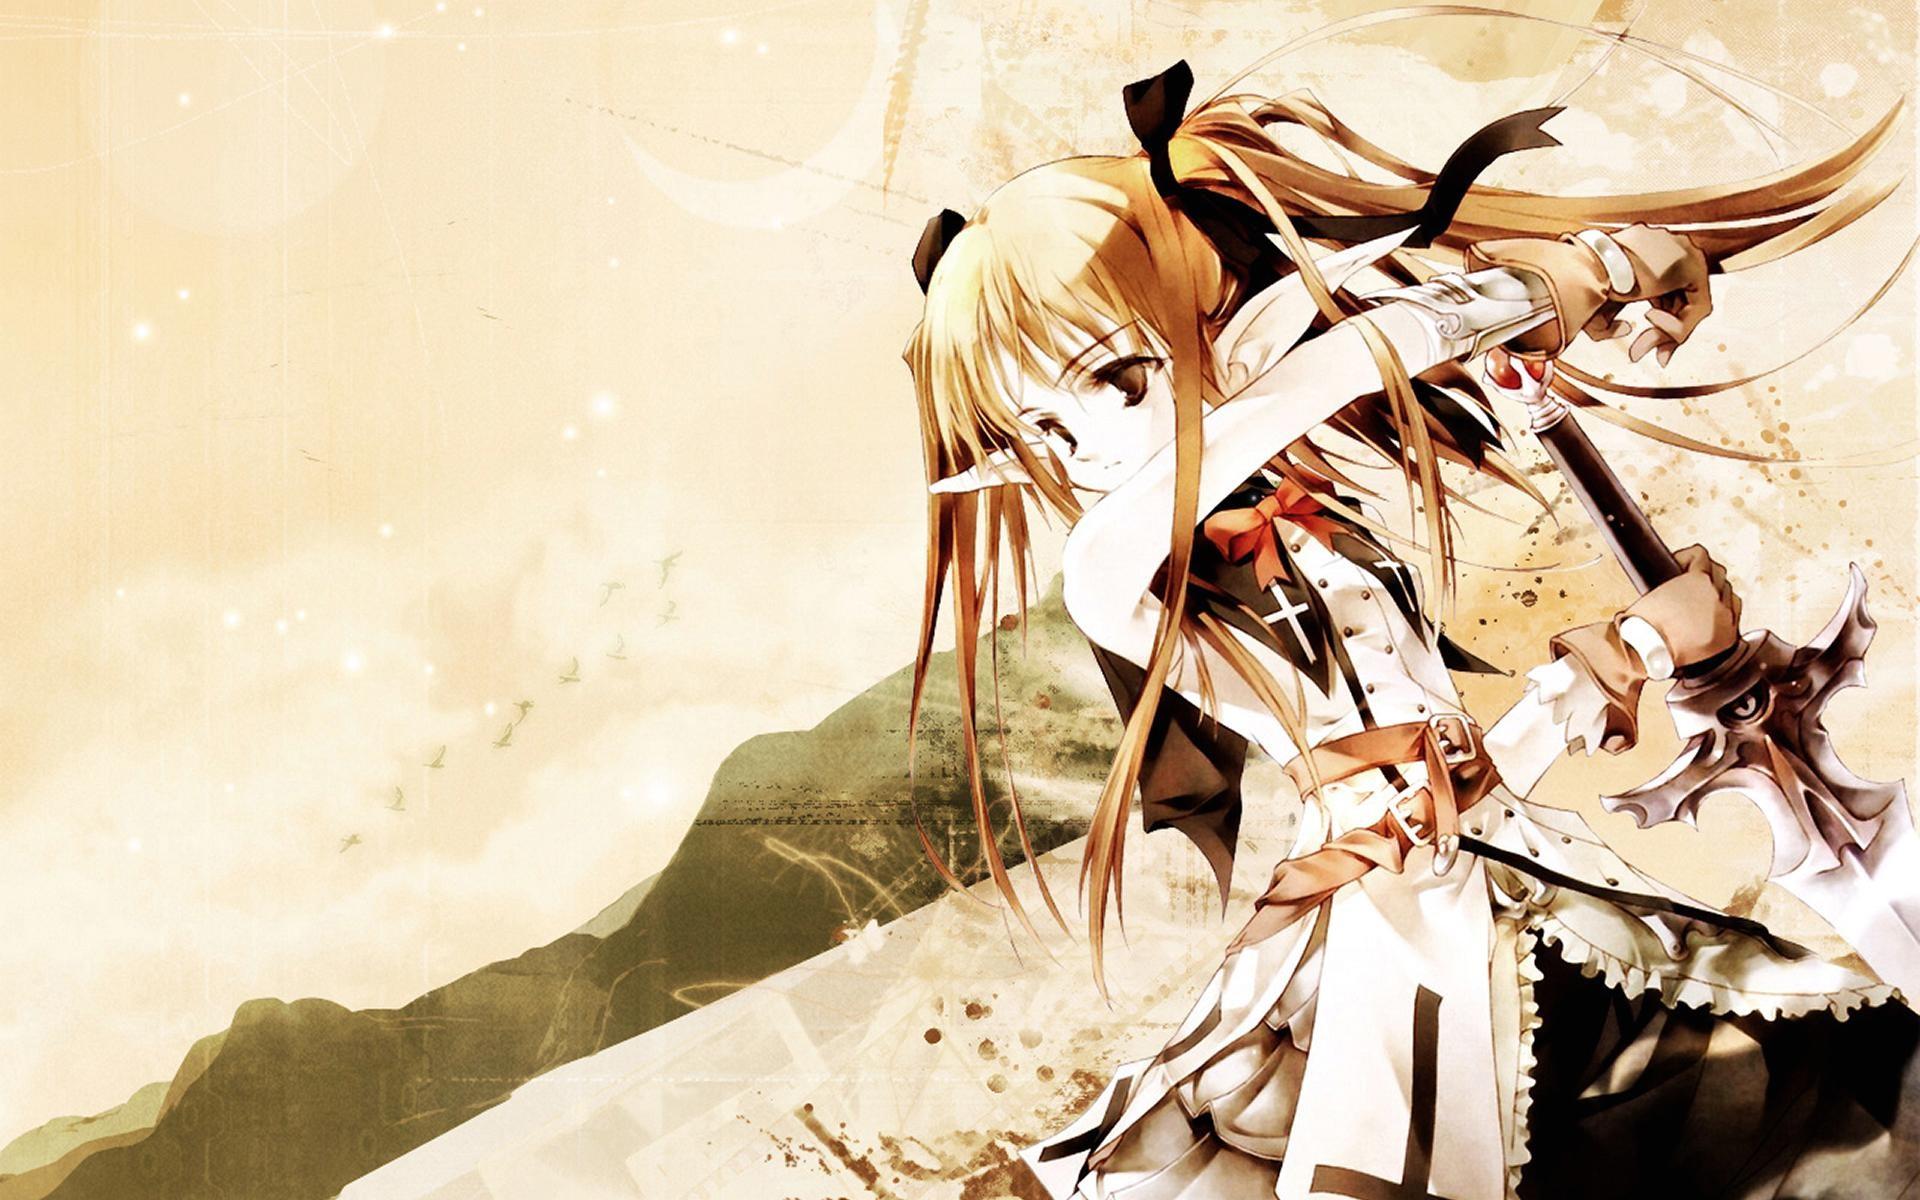 Japanese Anime Female Warrior   Wallpaper warrior girl anime